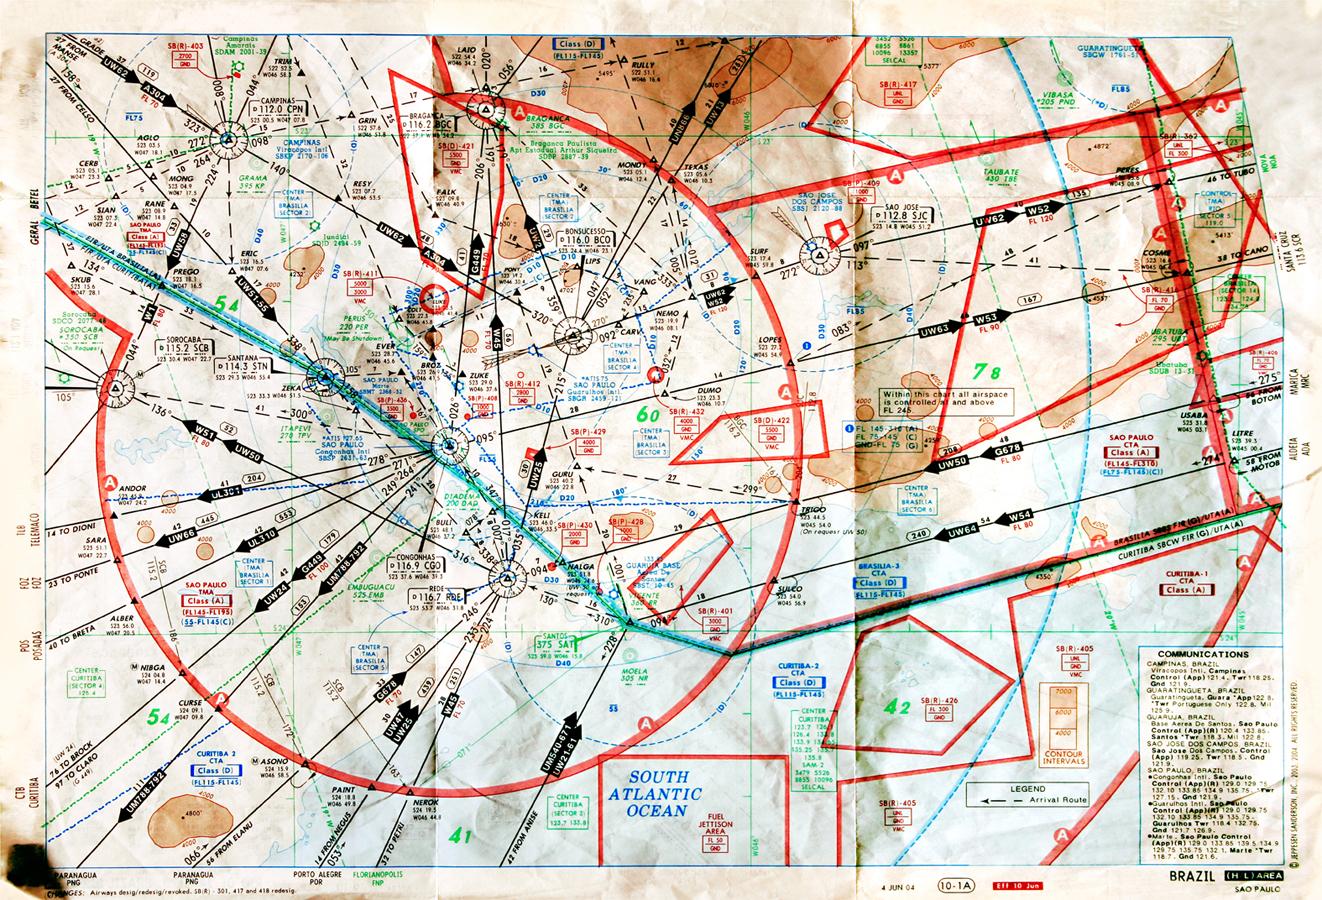 Sao Paulo, 2006 (mappa delle rotte degli elicotteri per gli spostamenti urbani)